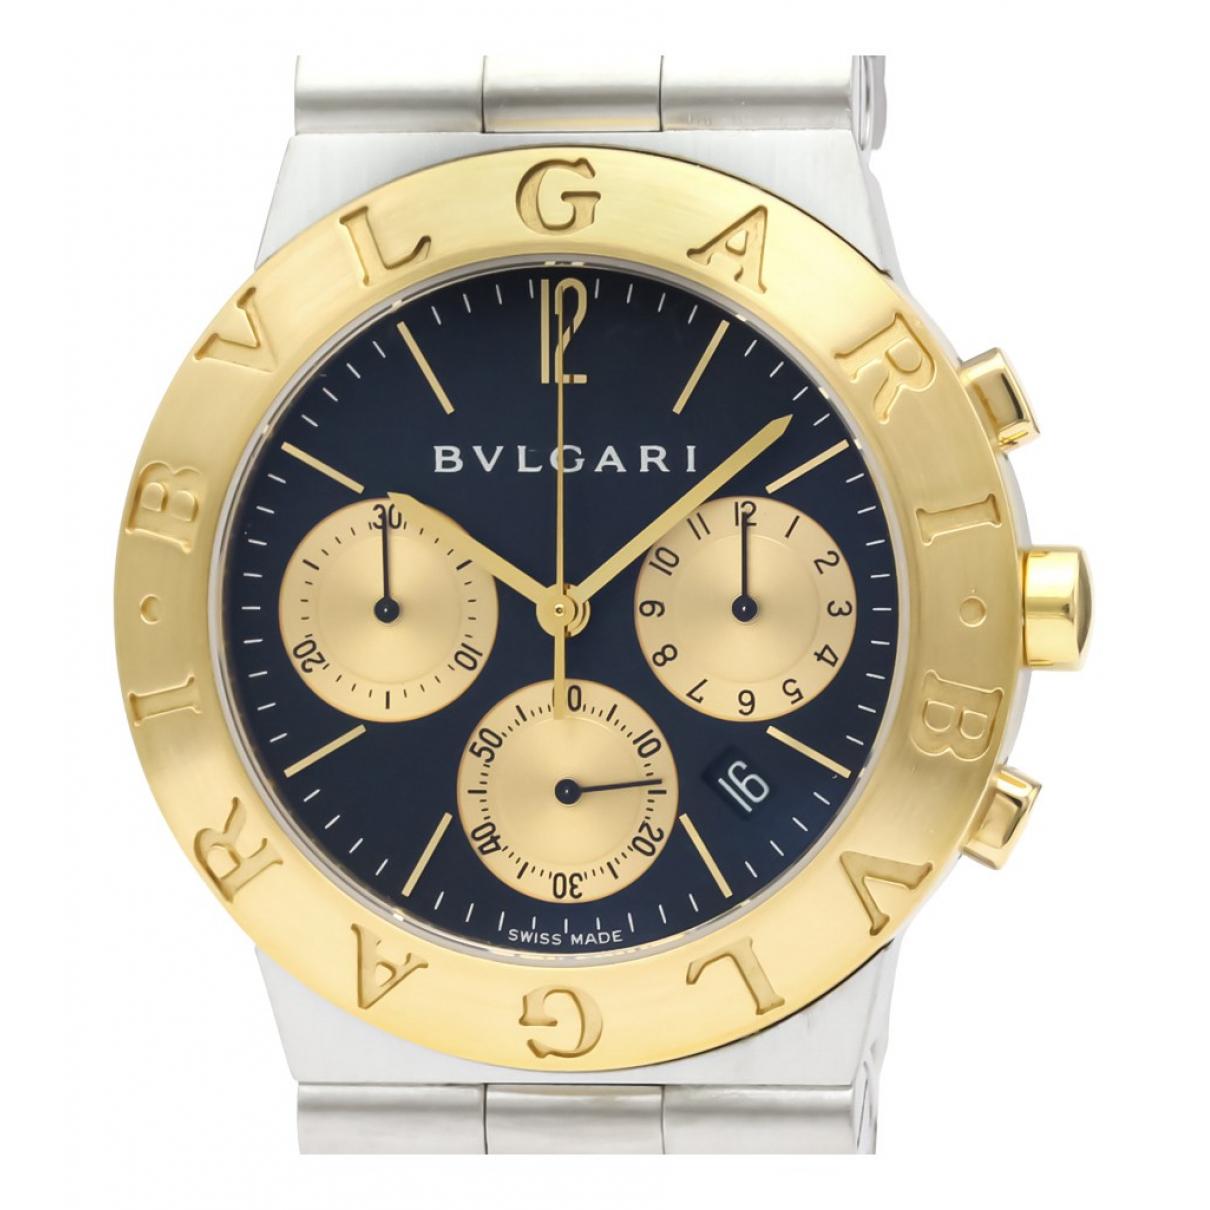 Bvlgari Diagono Uhr in  Schwarz Gold und Stahl